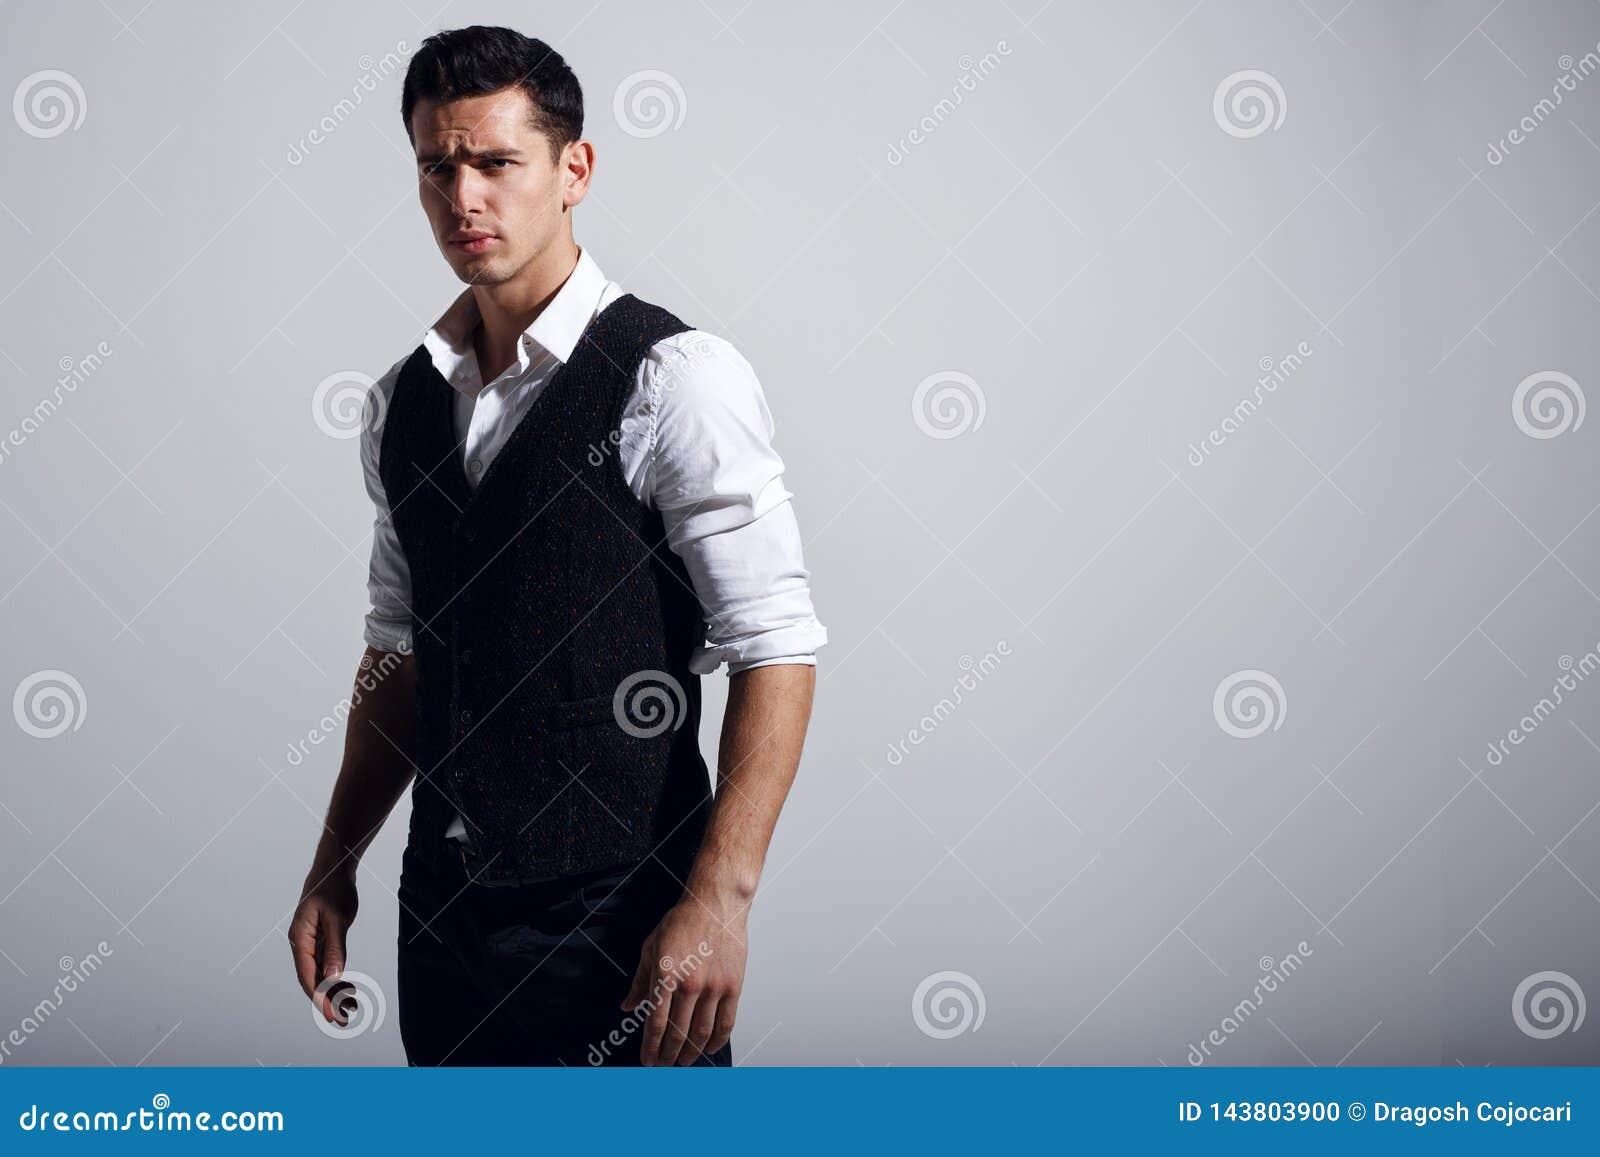 Chemise blanche de port de jeune homme bel, gilet noir, se tenant près du mur gris